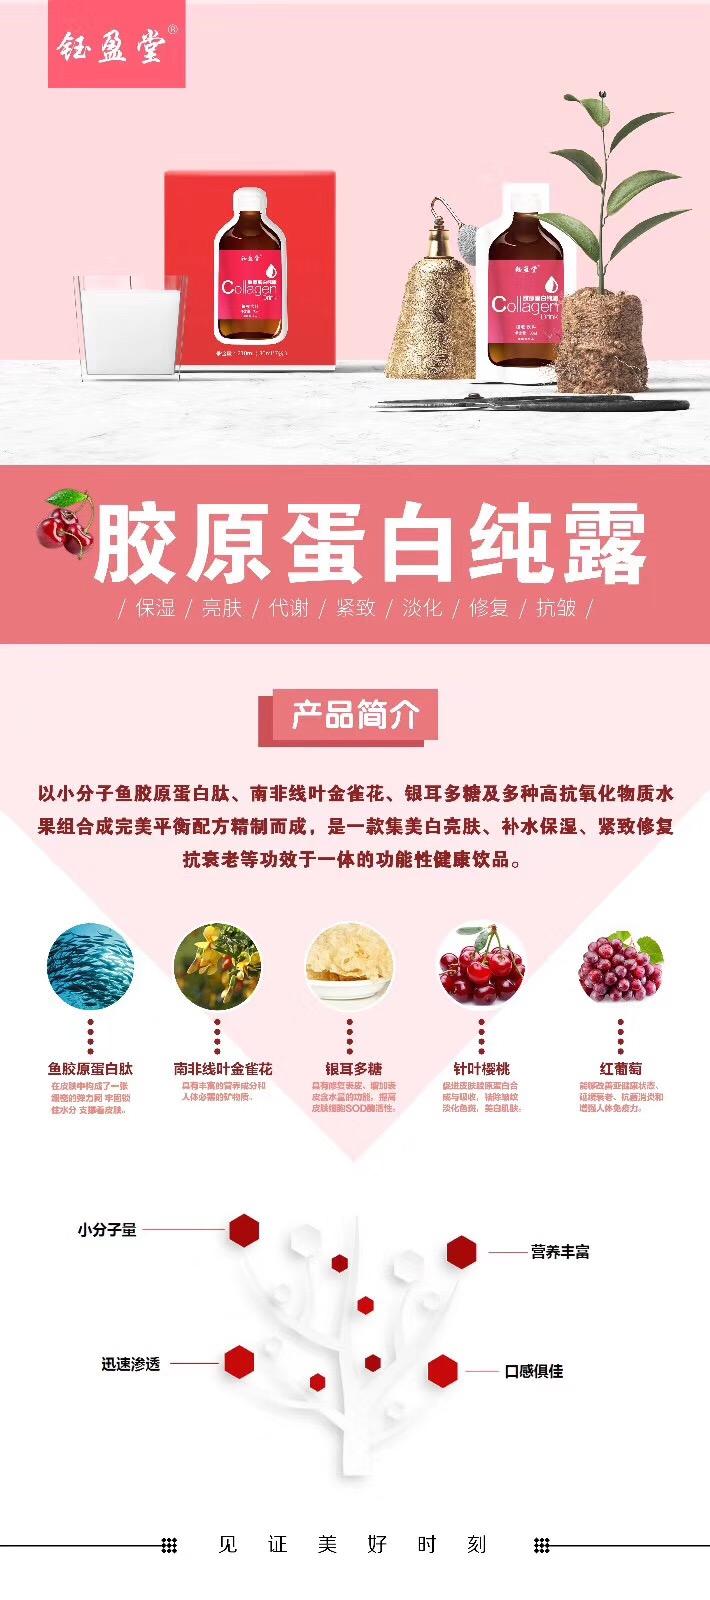 香港胶原蛋白_超值的胶原蛋白纯露哪里买